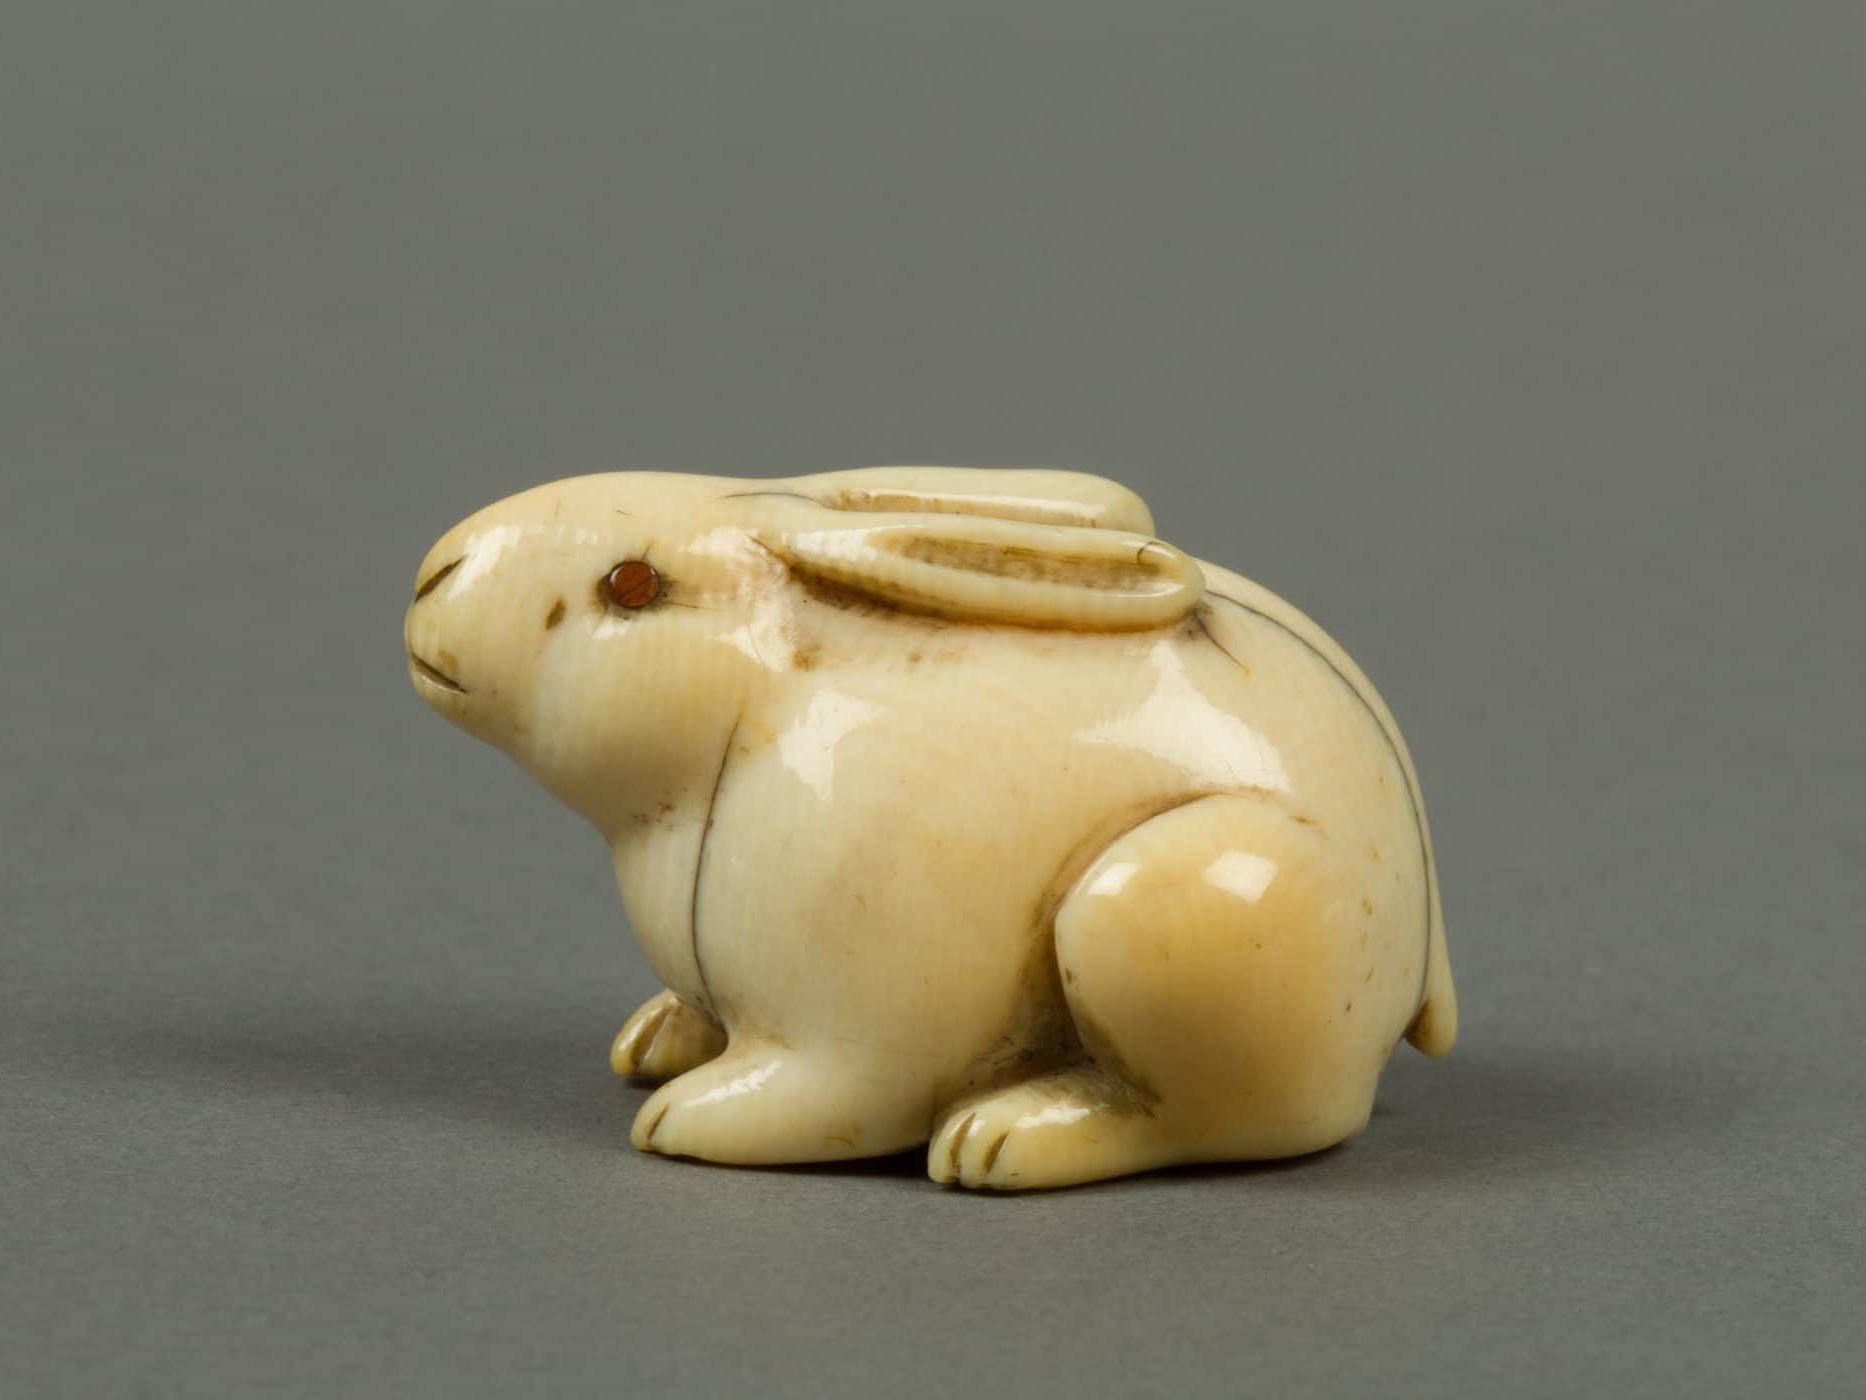 Netsuke en ivoire représentant un lapin dont les yeux sont en laque rouge. Japon, XIXe siècle. Période Edo (1615–1868) ou Meiji (1868–1912) © MET Museum